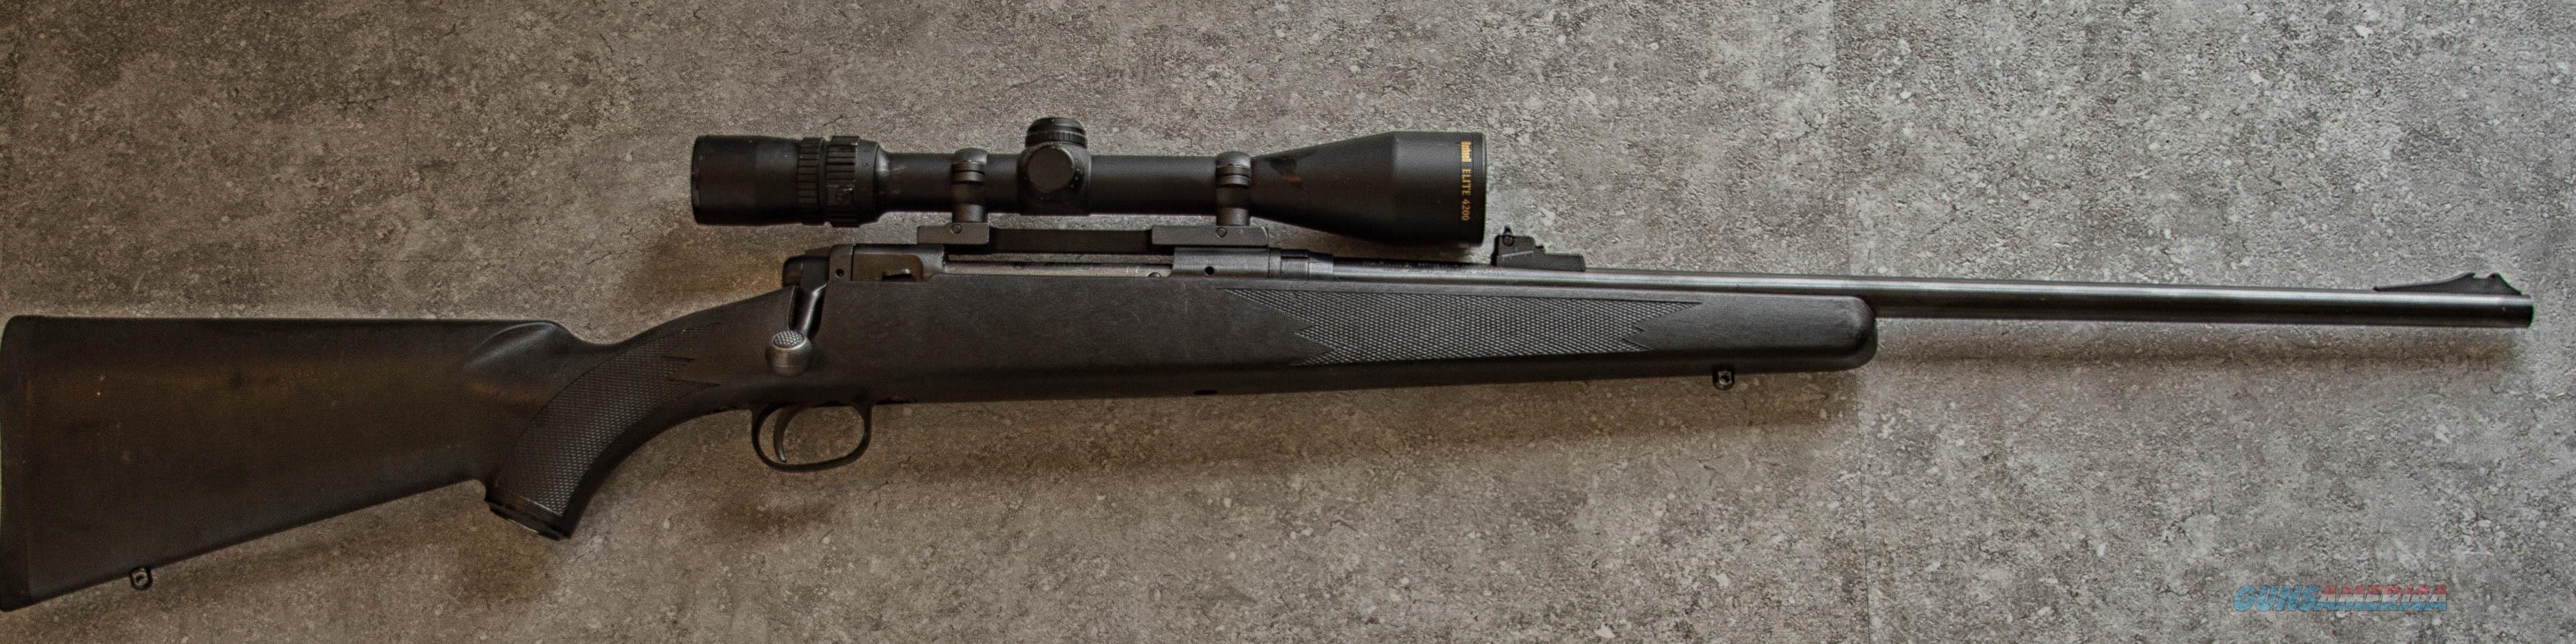 Savage Model 111 (30.06) w/ Great Optic  Guns > Rifles > Savage Rifles > 11/111